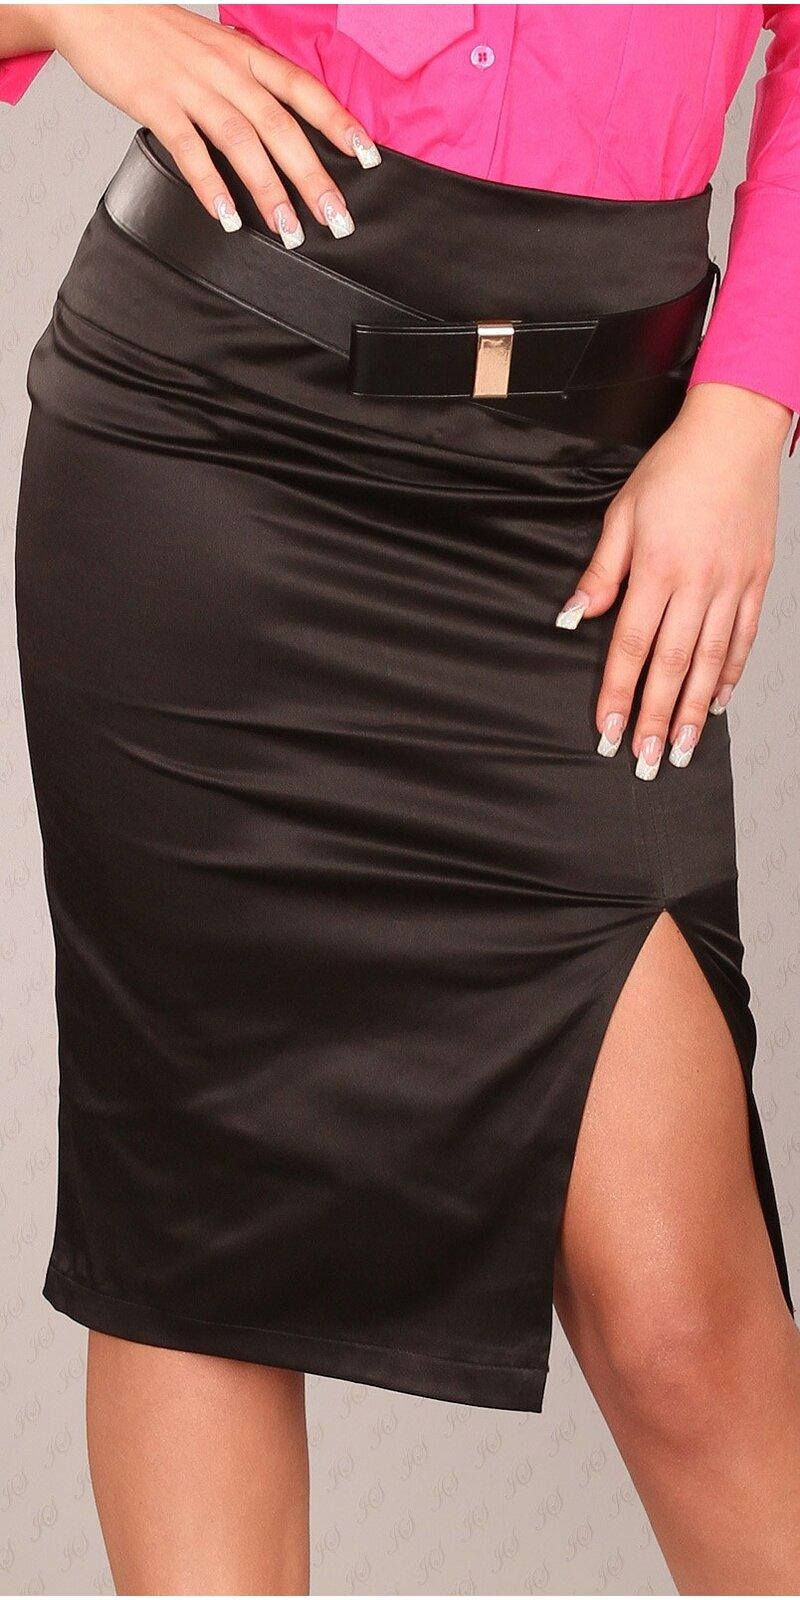 Dámska Štýlová sukňa s opaskom #Veľkosť 40 (L) Farba Čierna